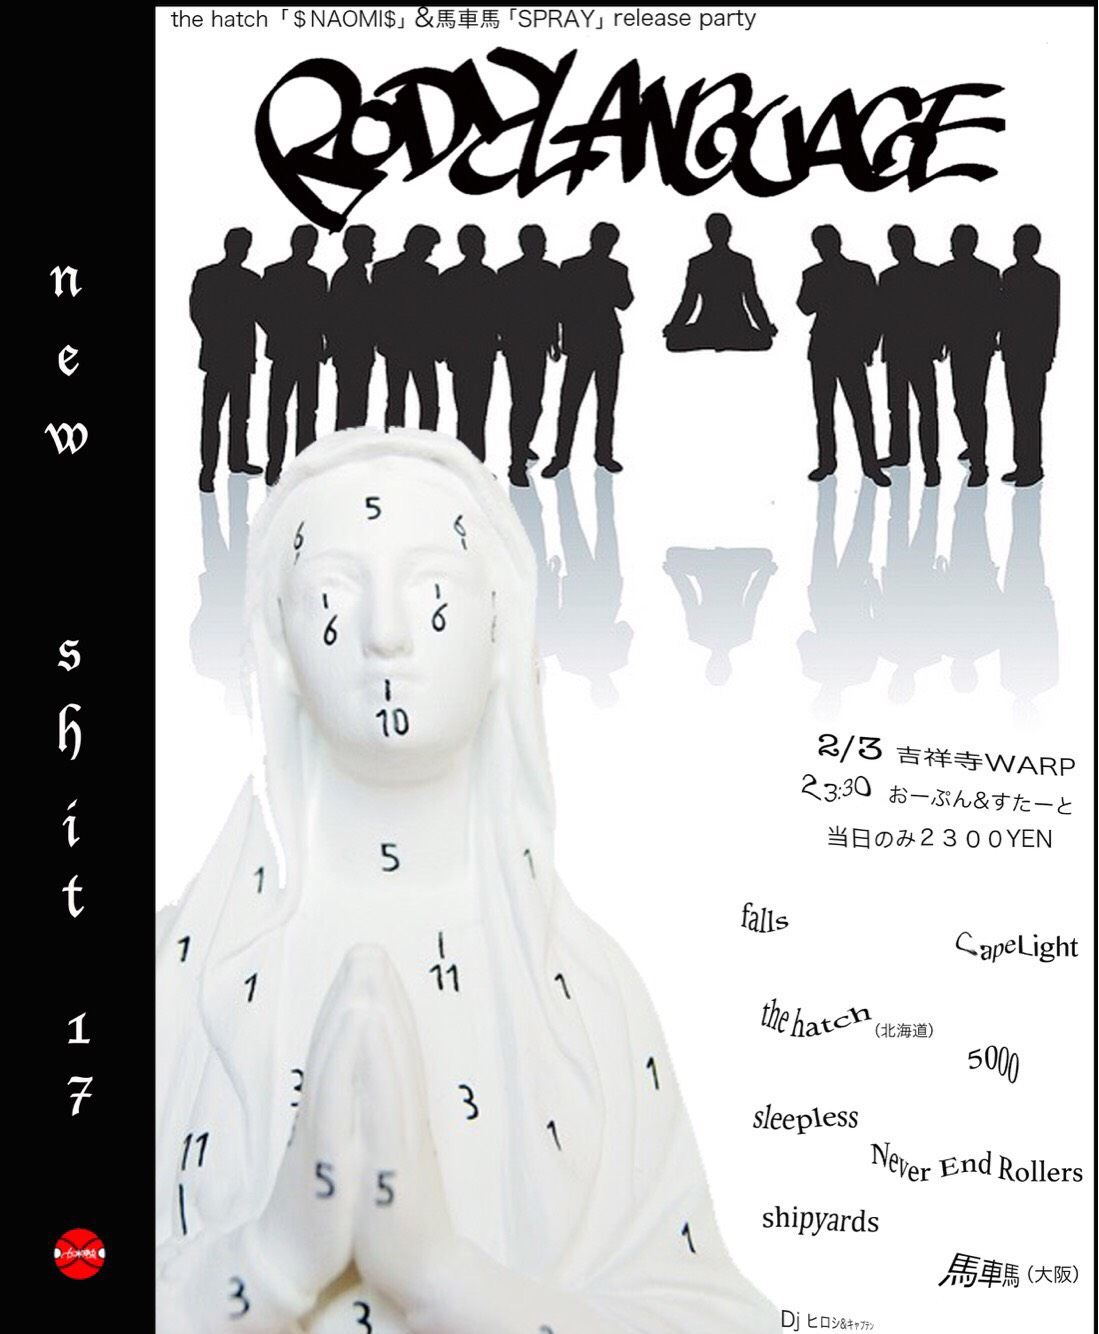 十三月の甲虫presents「BODY LANGUAGE the hatch&馬車馬 Wレコ発」開催決定!